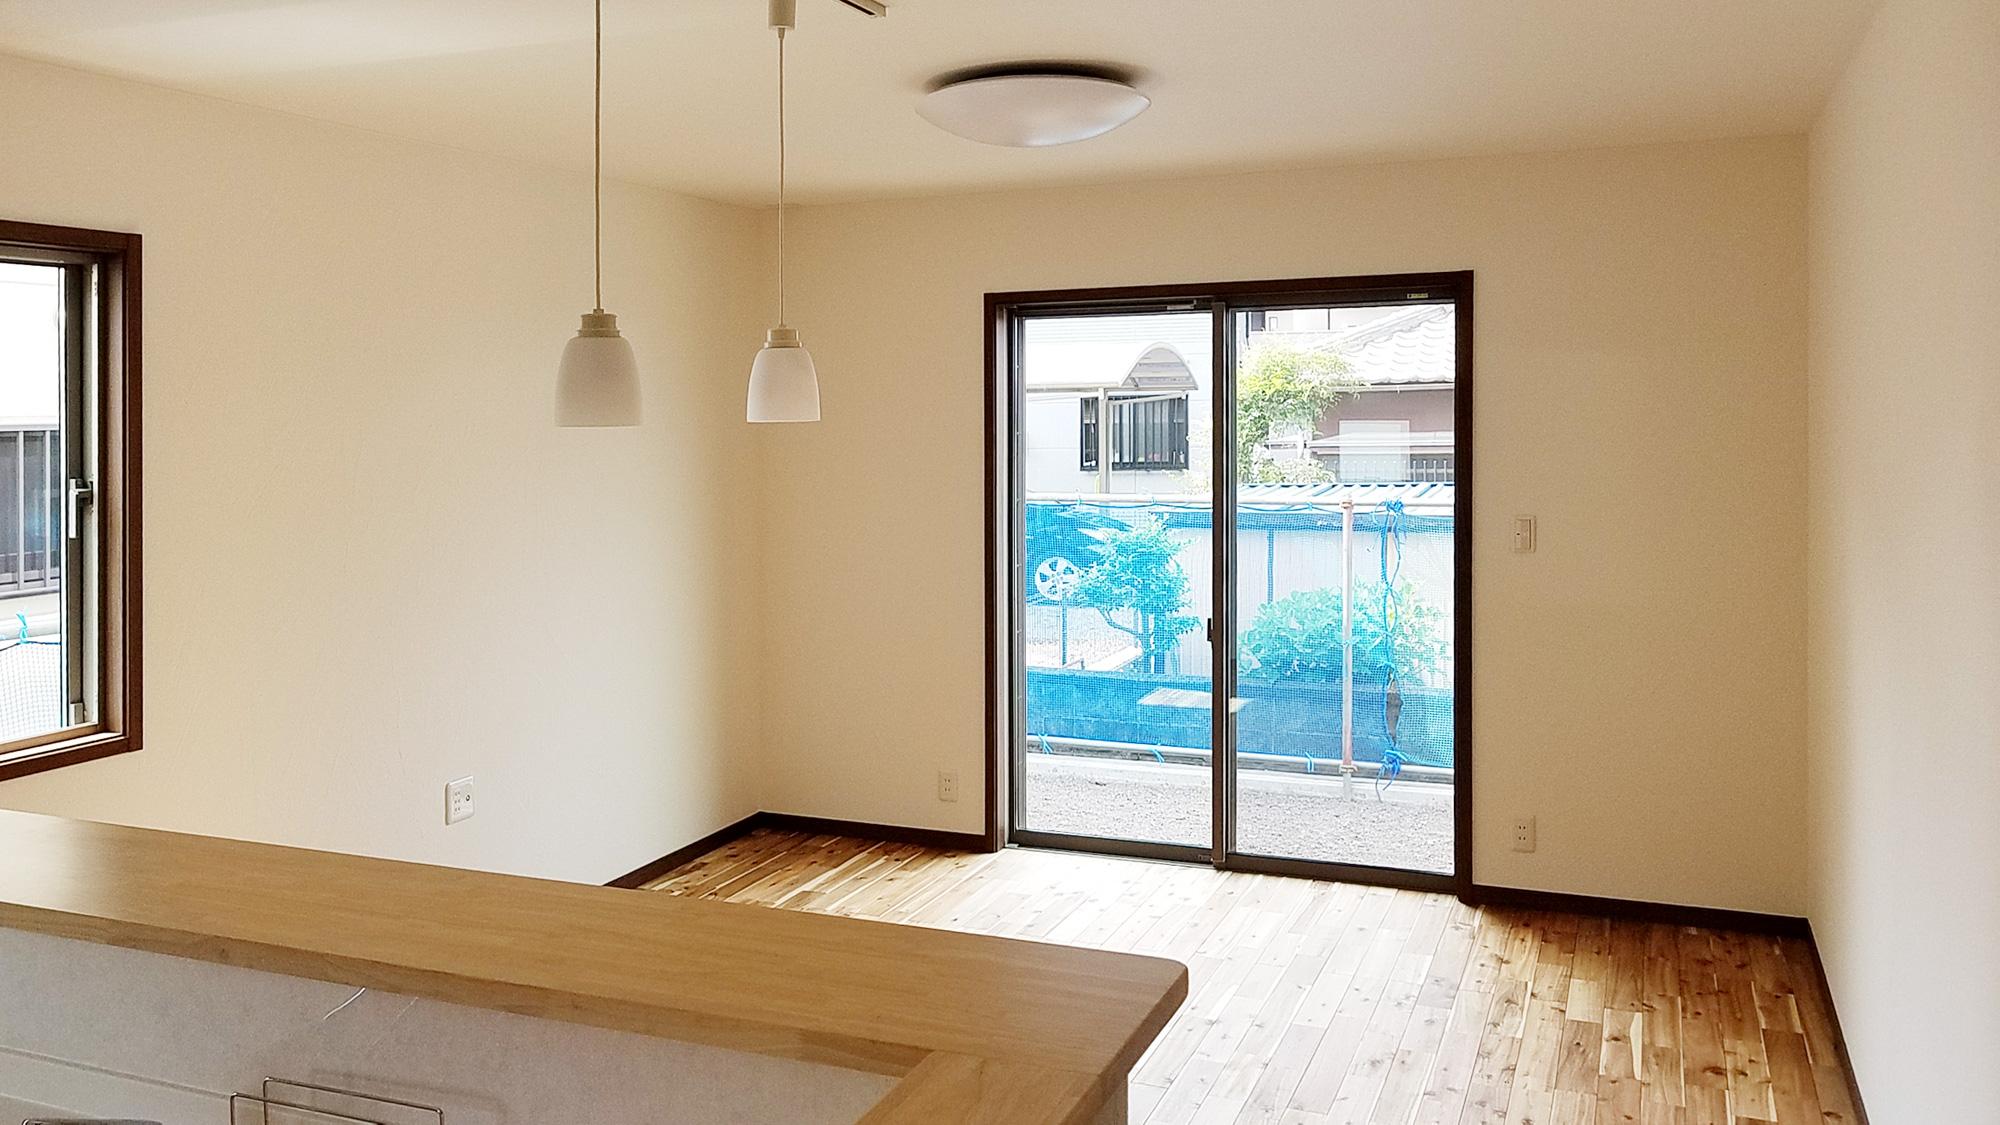 LDKはアカシアの無垢床を使い暗めに、それに合わせて建具、窓枠、巾木も濃いめの茶色を使ってシック調に仕上げましたが、暗すぎないように、アクセントにキッチンカウンターは明るめの色を選びました。